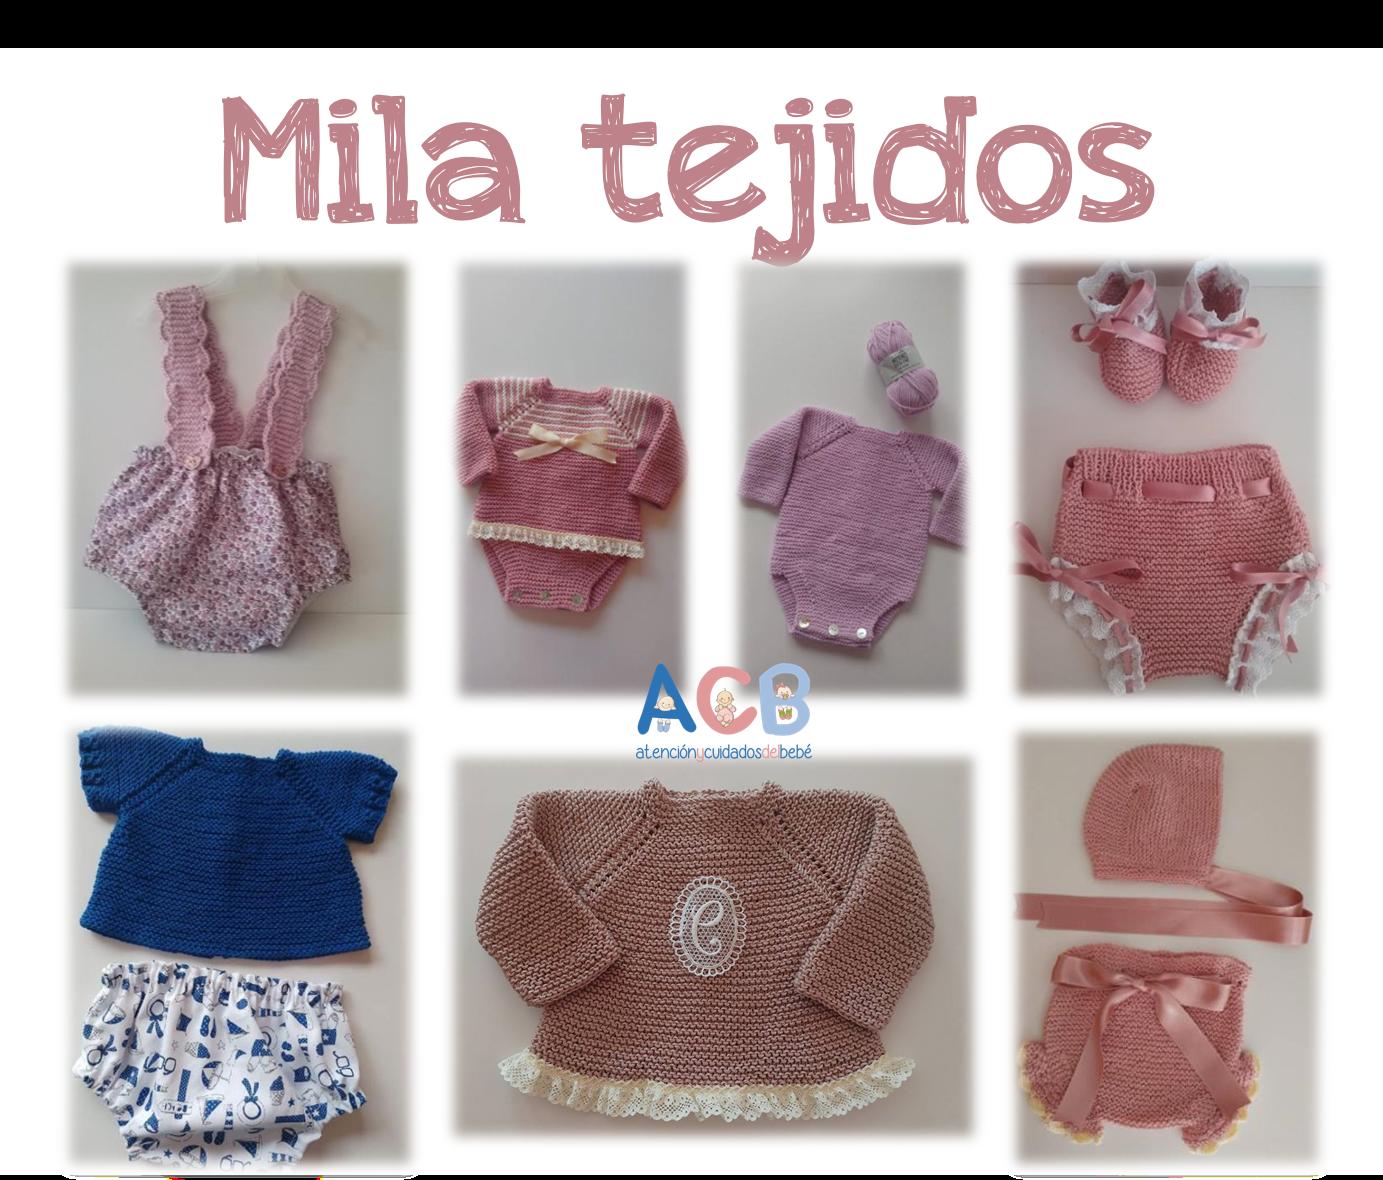 1a33e899c Para la confección de sus prendas solo utilizan tejidos naturales para  conseguir la máxima comodidad y suavidad. Tienen lo que necesitas para tu bebé  en ...